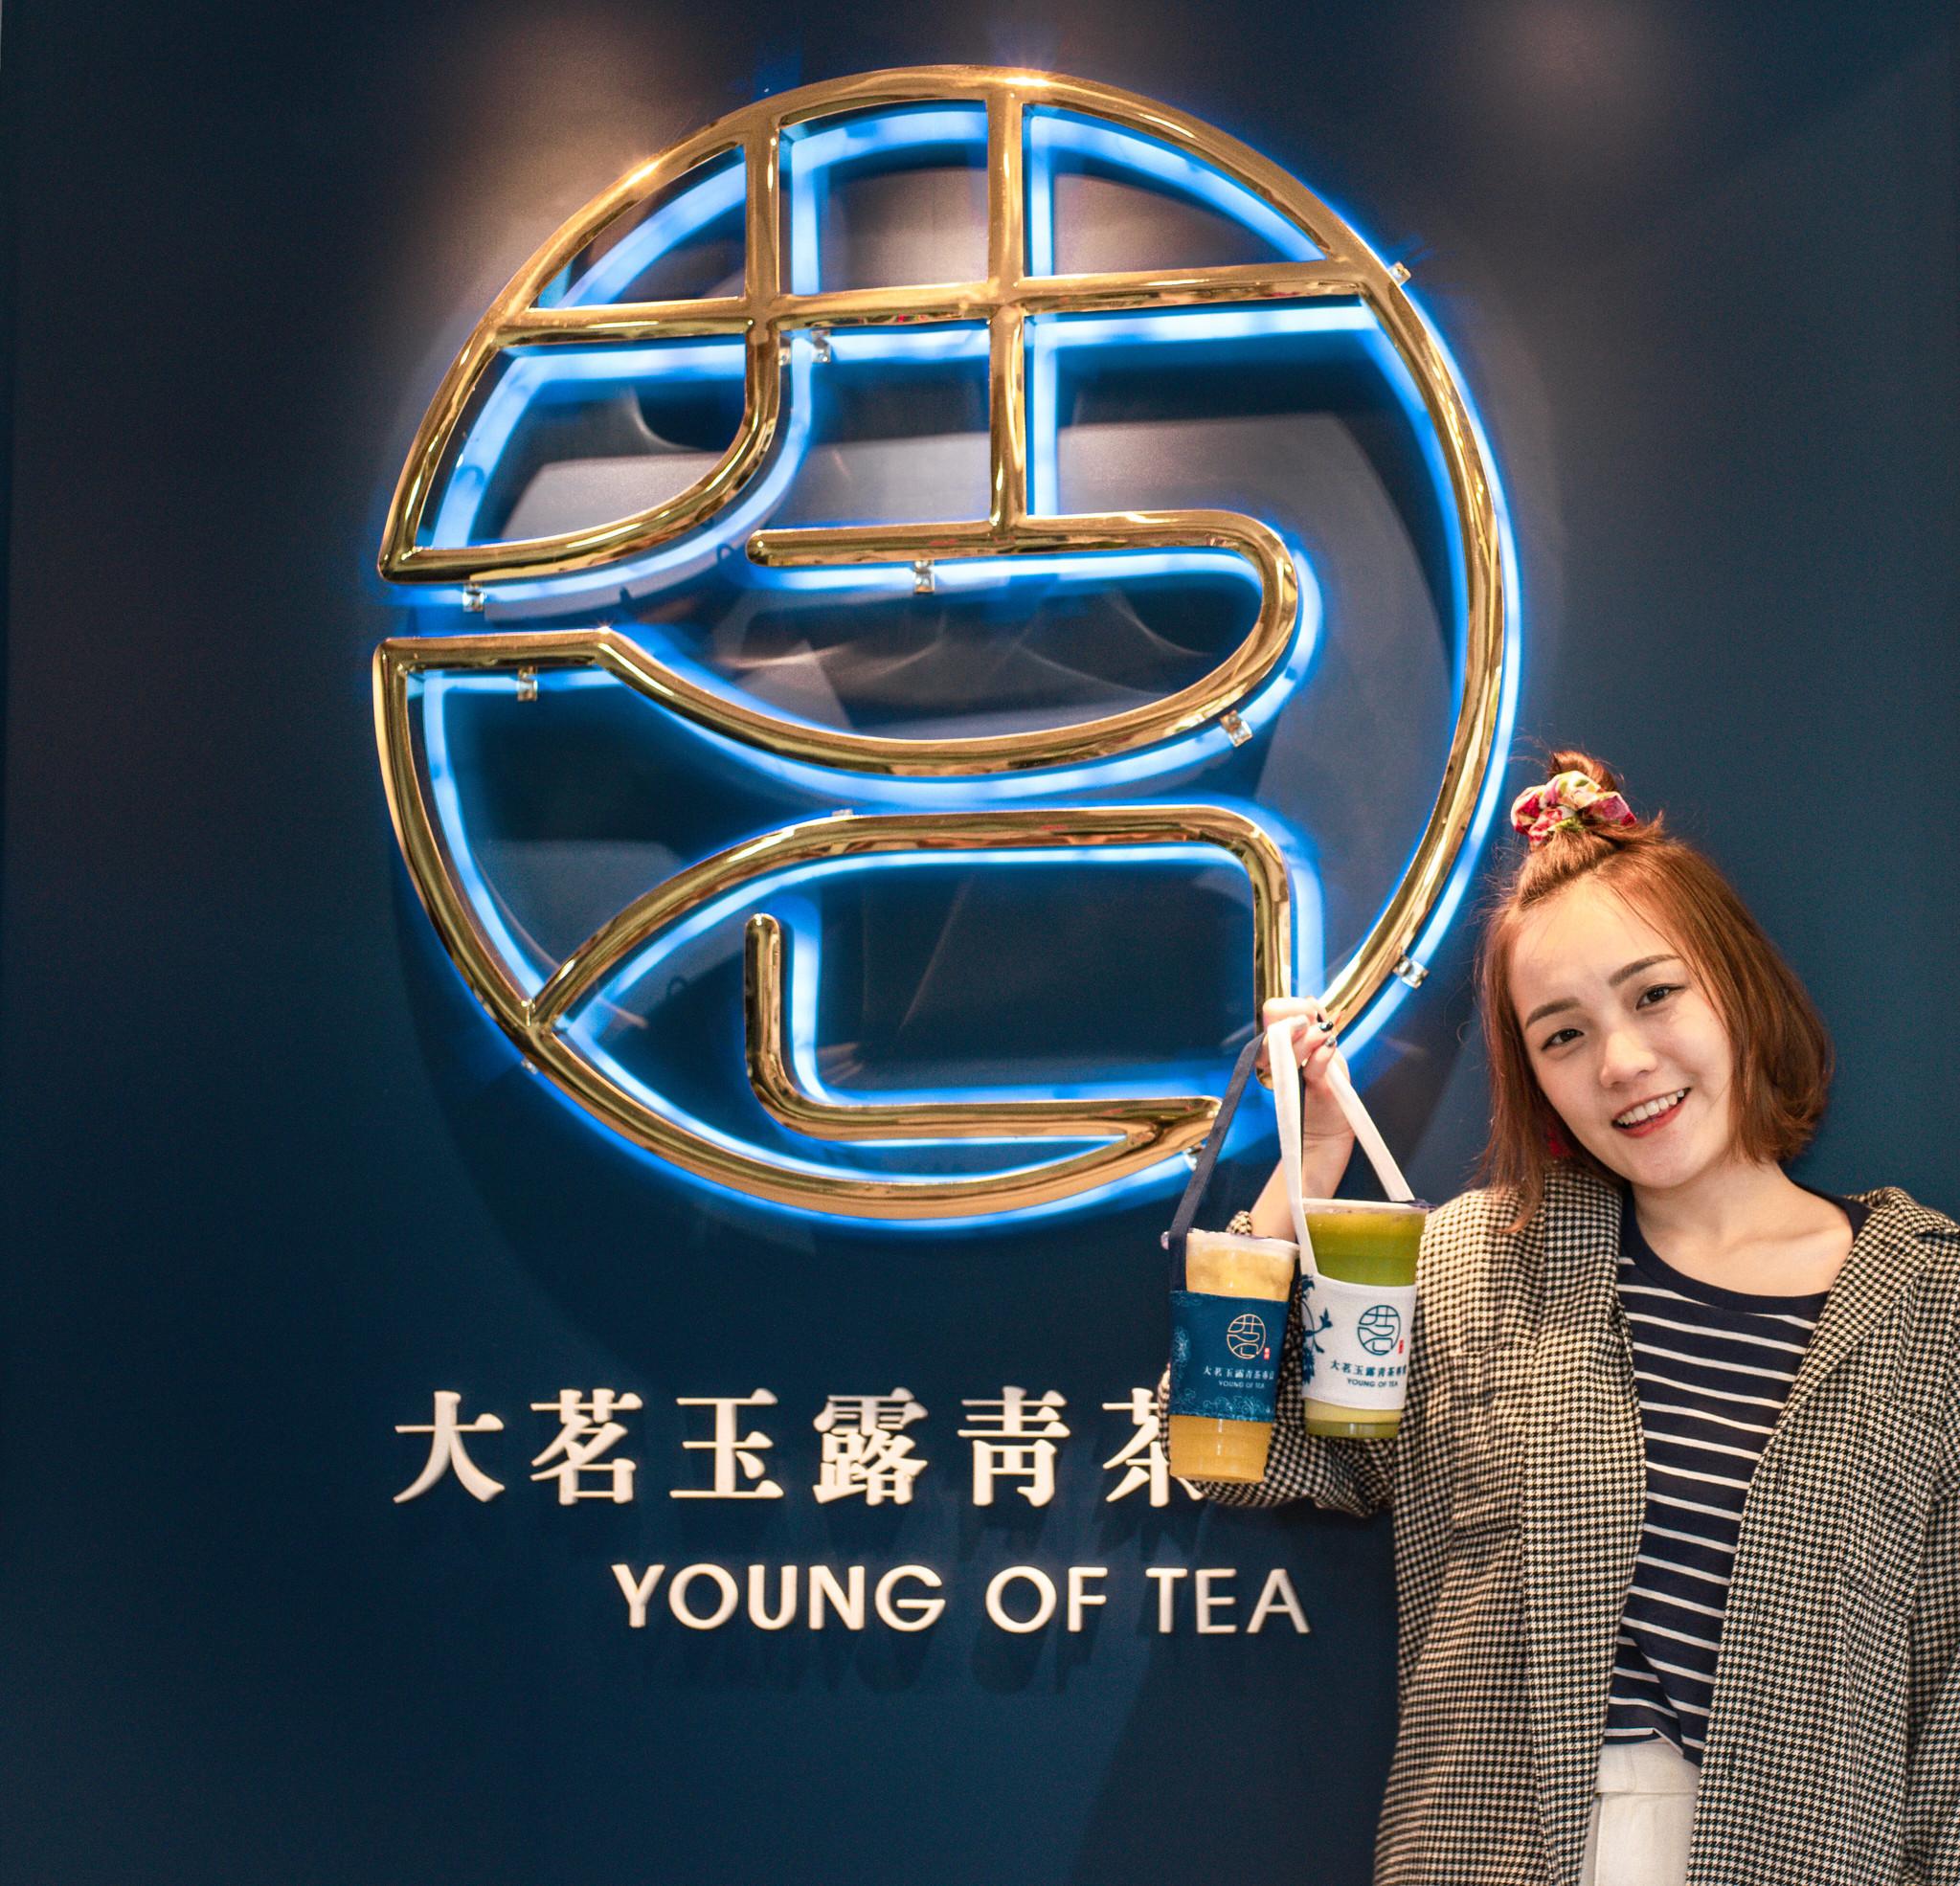 大茗玉露青茶專賣100%採用台灣茶及小農鮮奶,茶農自創茶飲新品牌!桃園八德總店